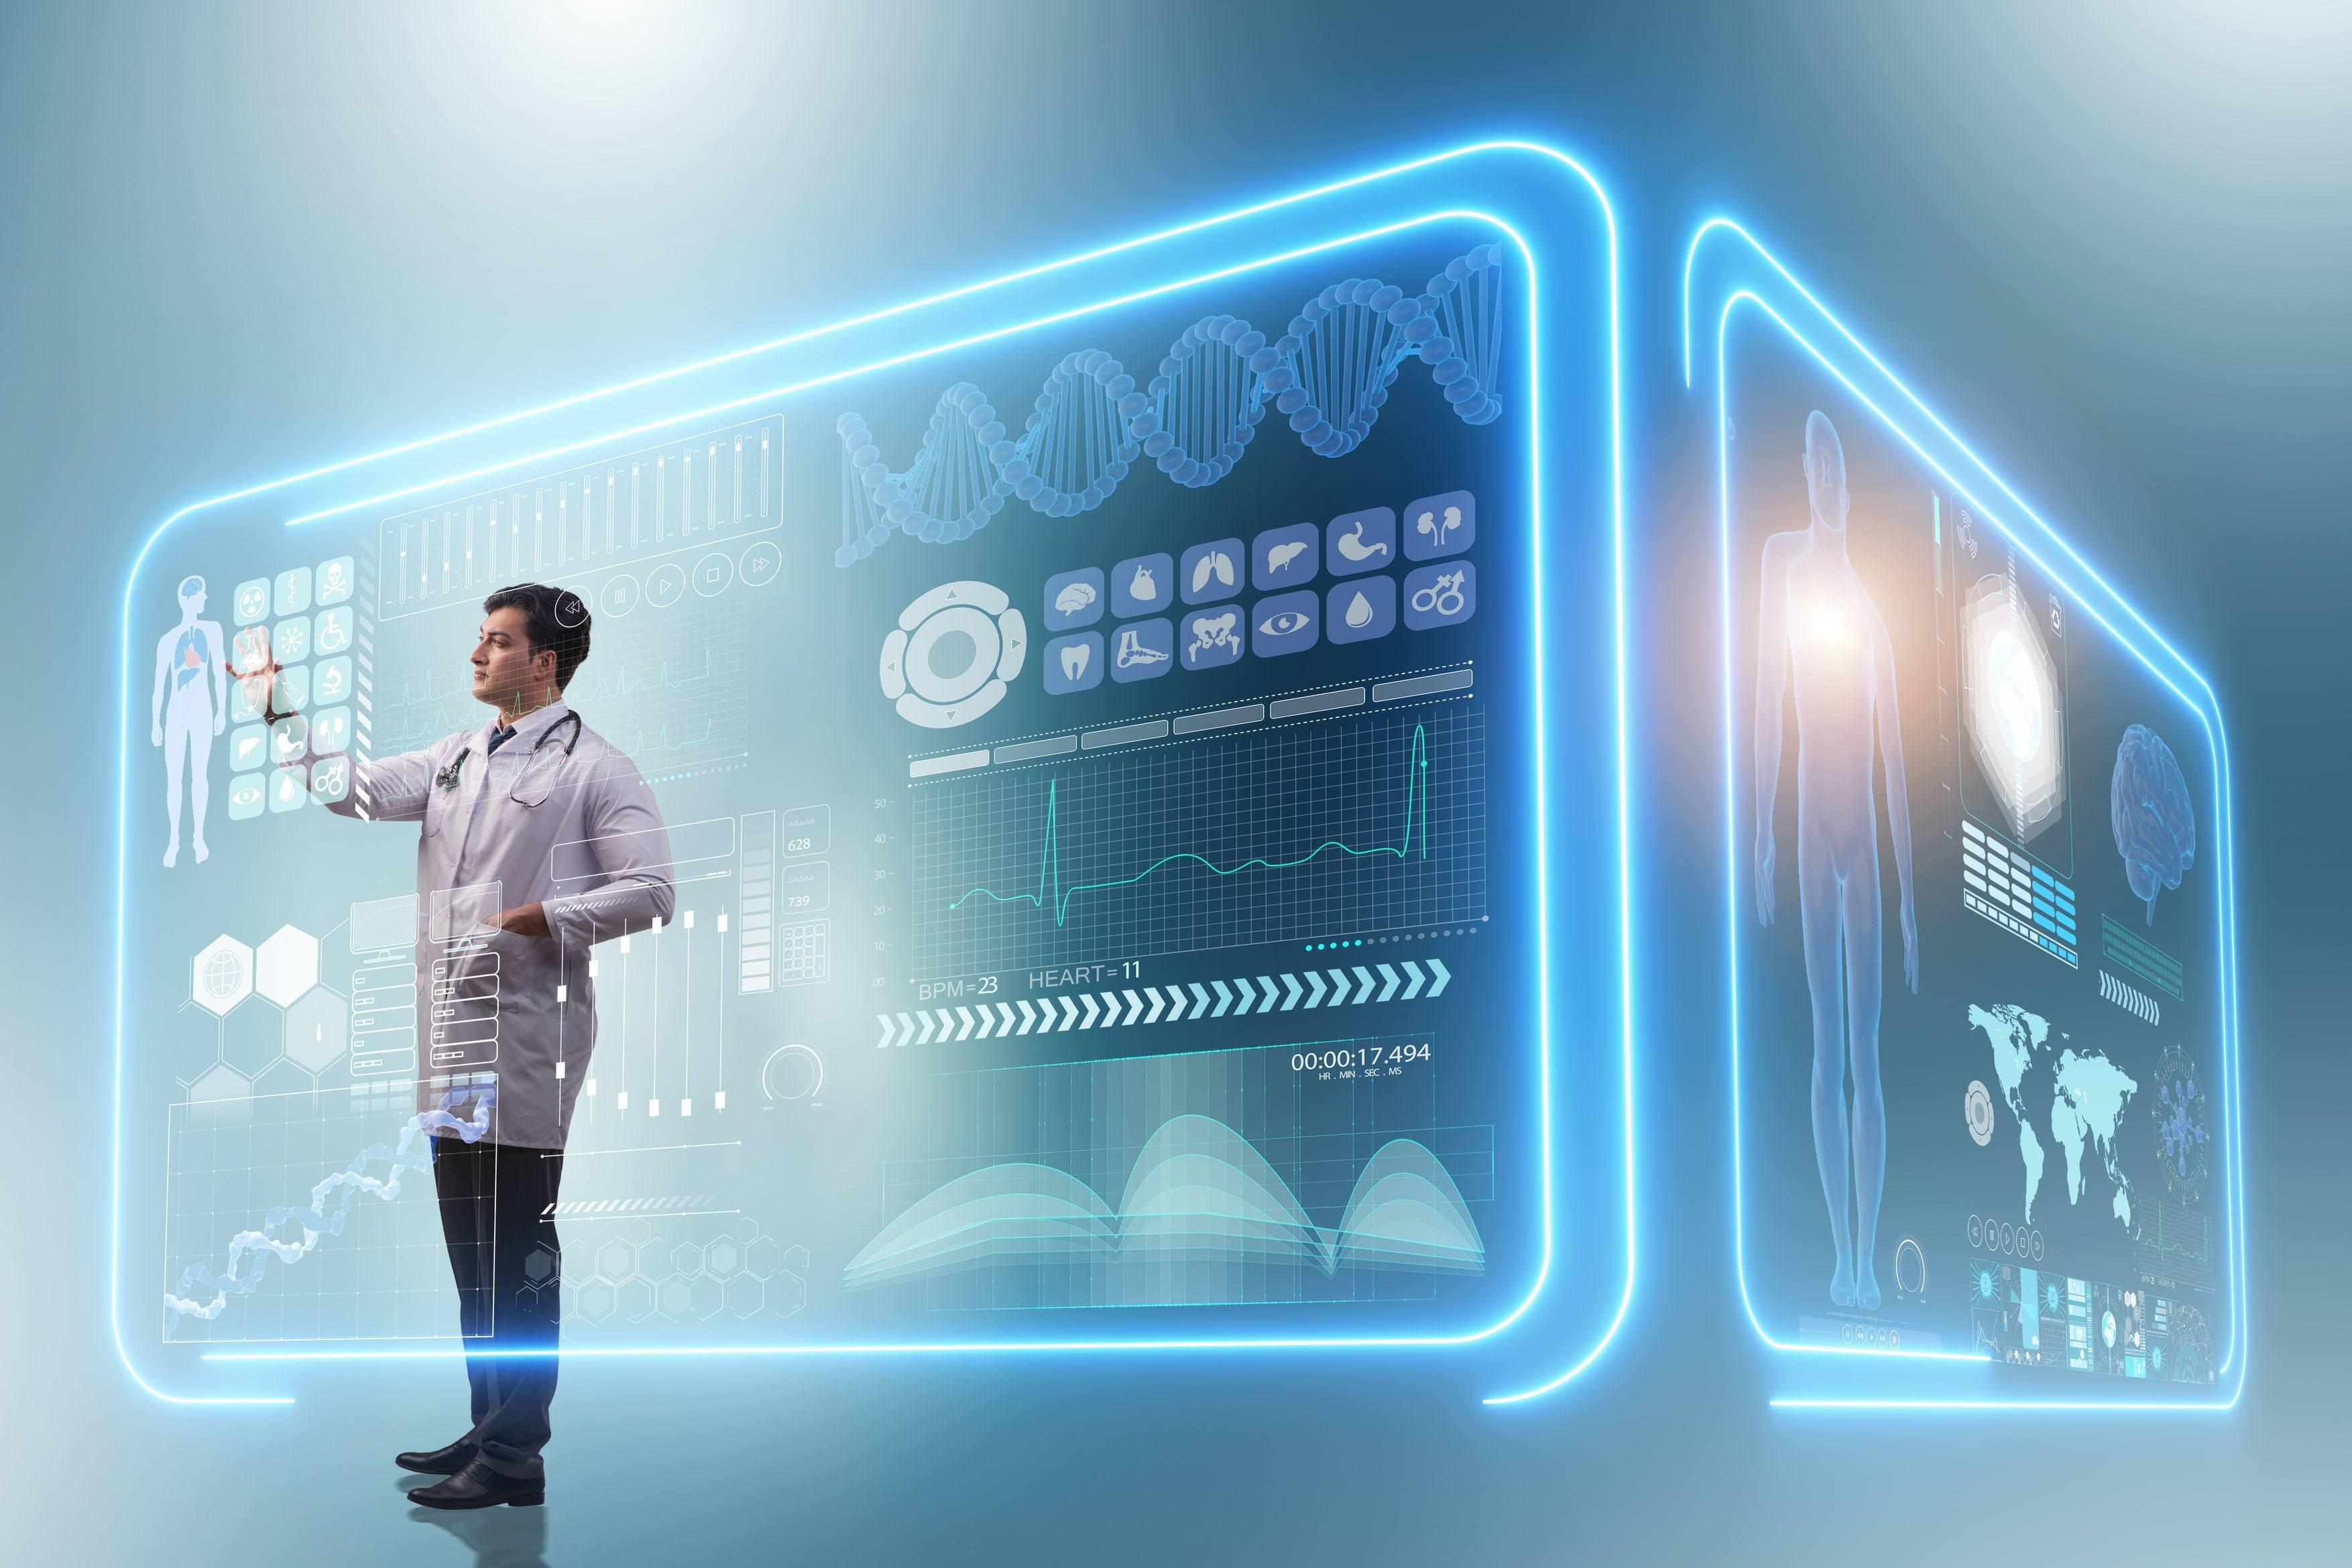 森亿智能E轮融资5亿后,东软医疗如何突围智慧医疗赛道?